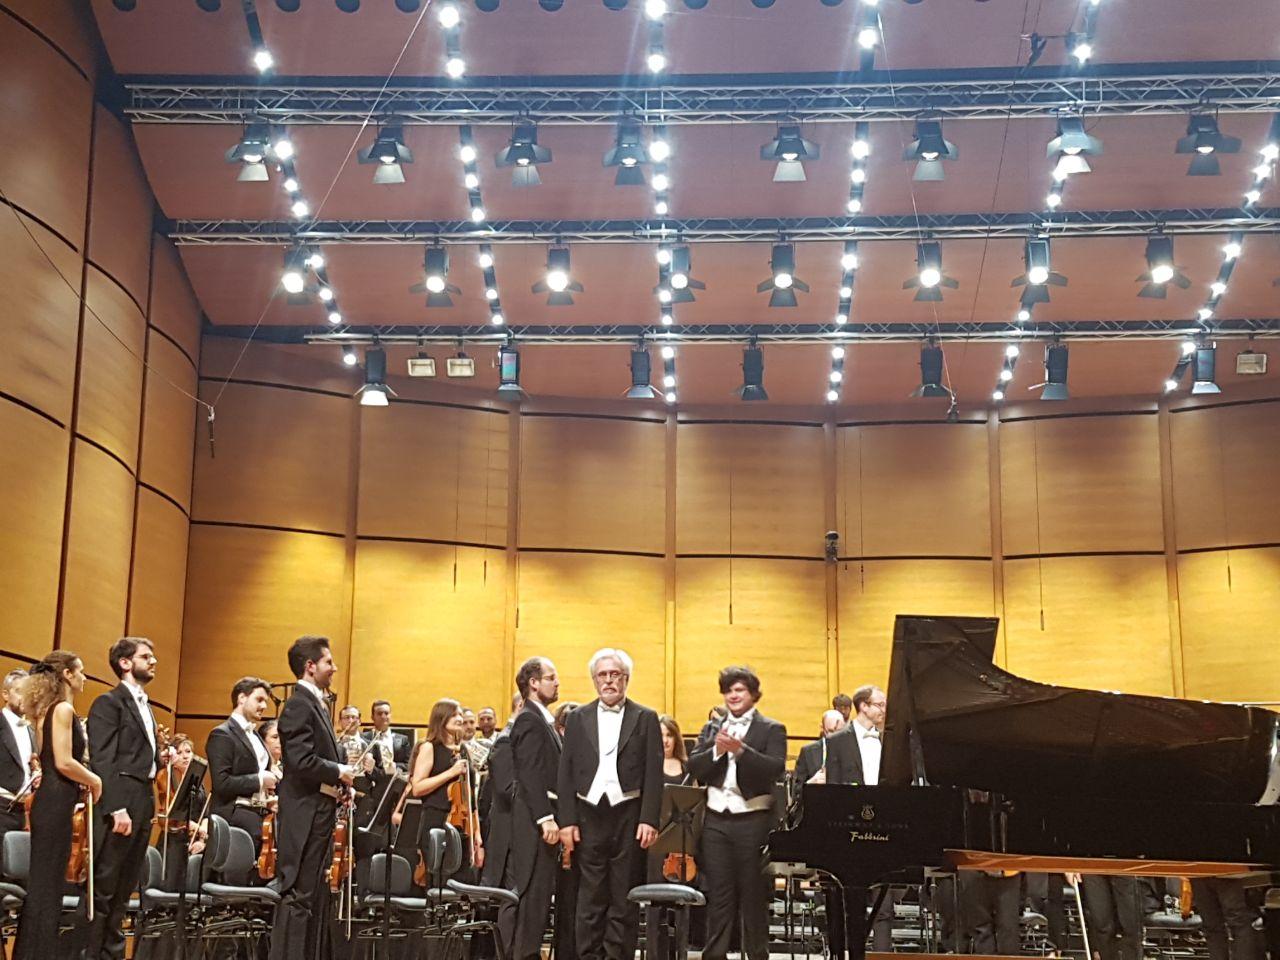 Concerto laVerdi del 28.11.2019 - foto Emanuele Lavizzari